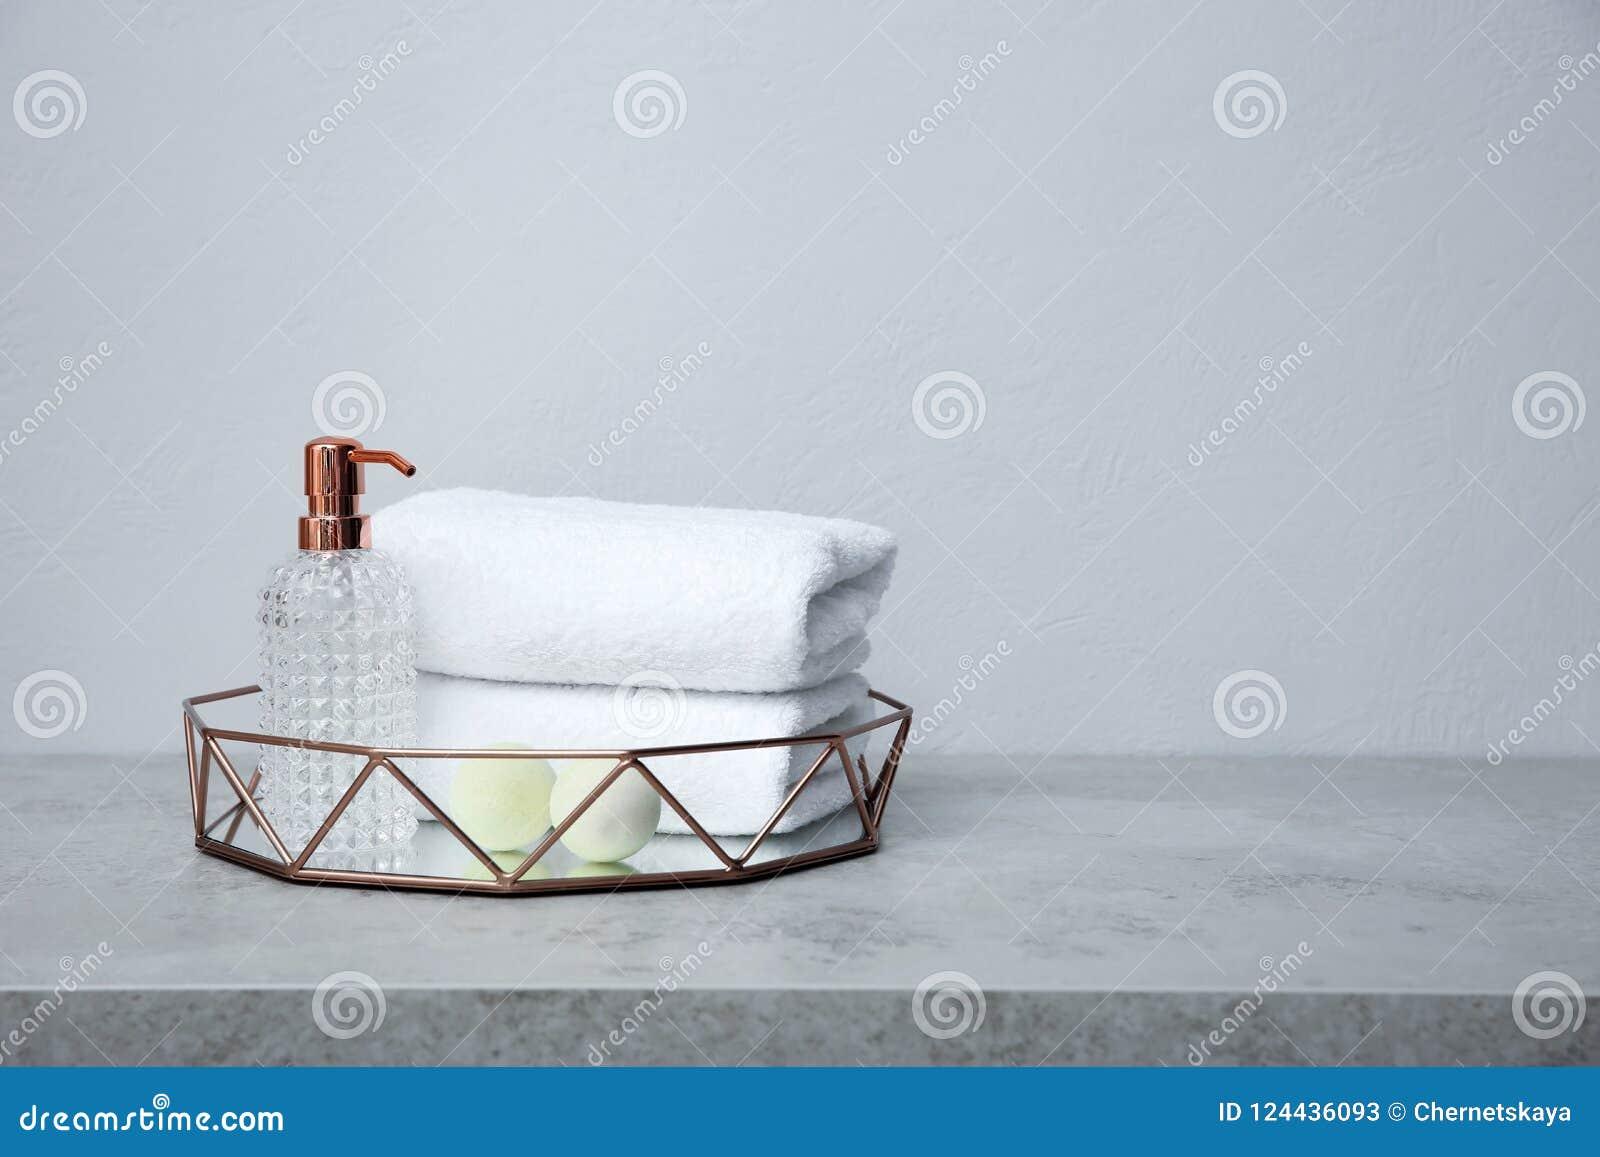 Magasin med handdukar och toalettartiklar på tabellen